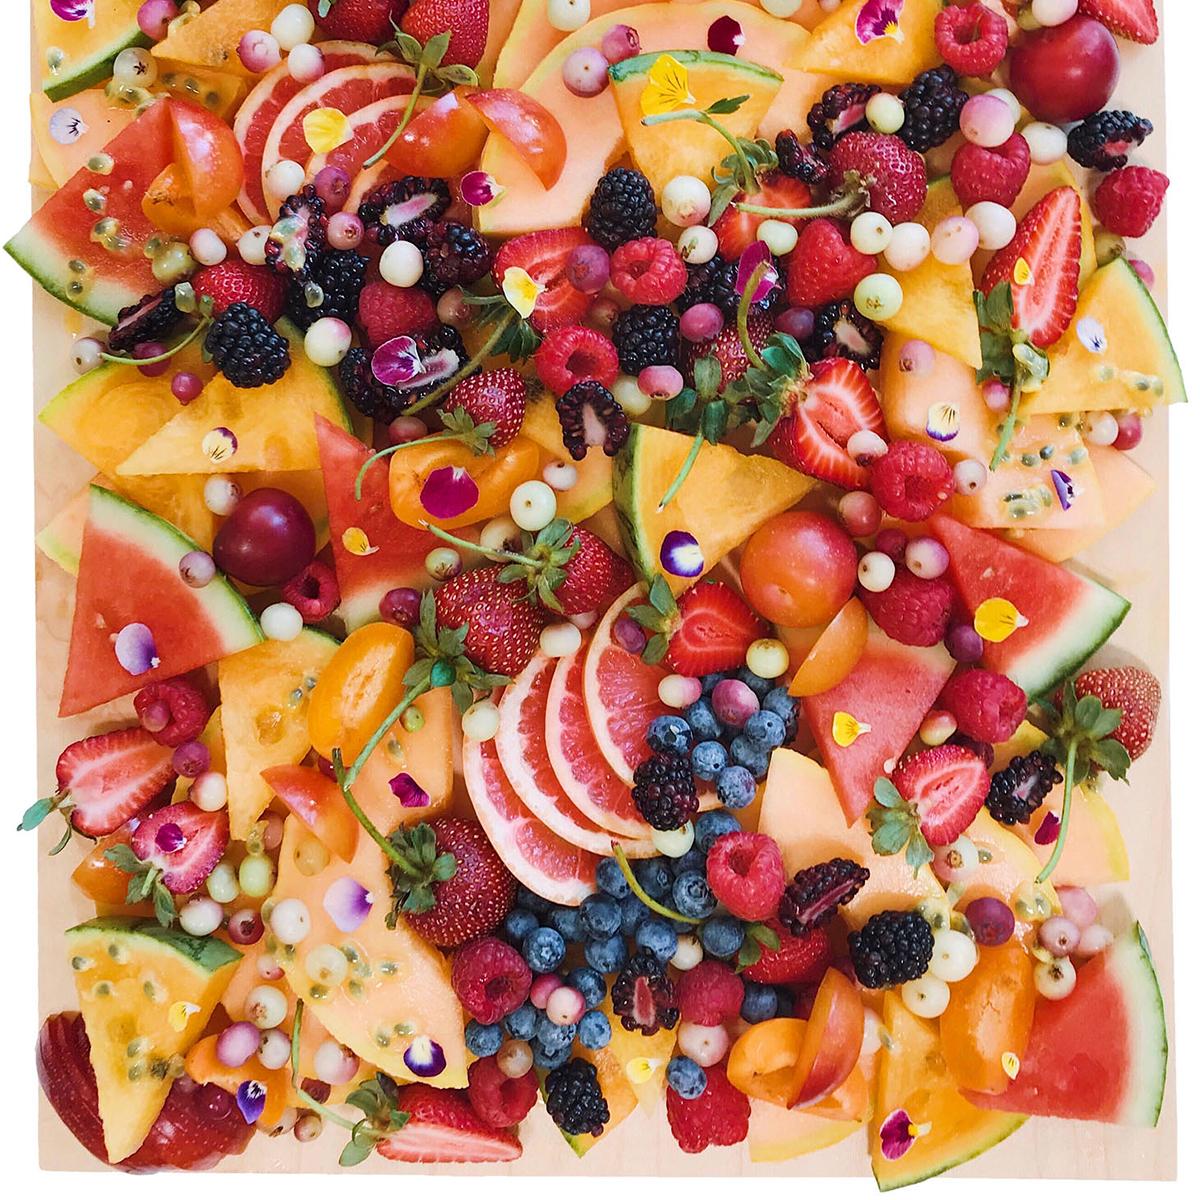 fruit fruitcuterie board